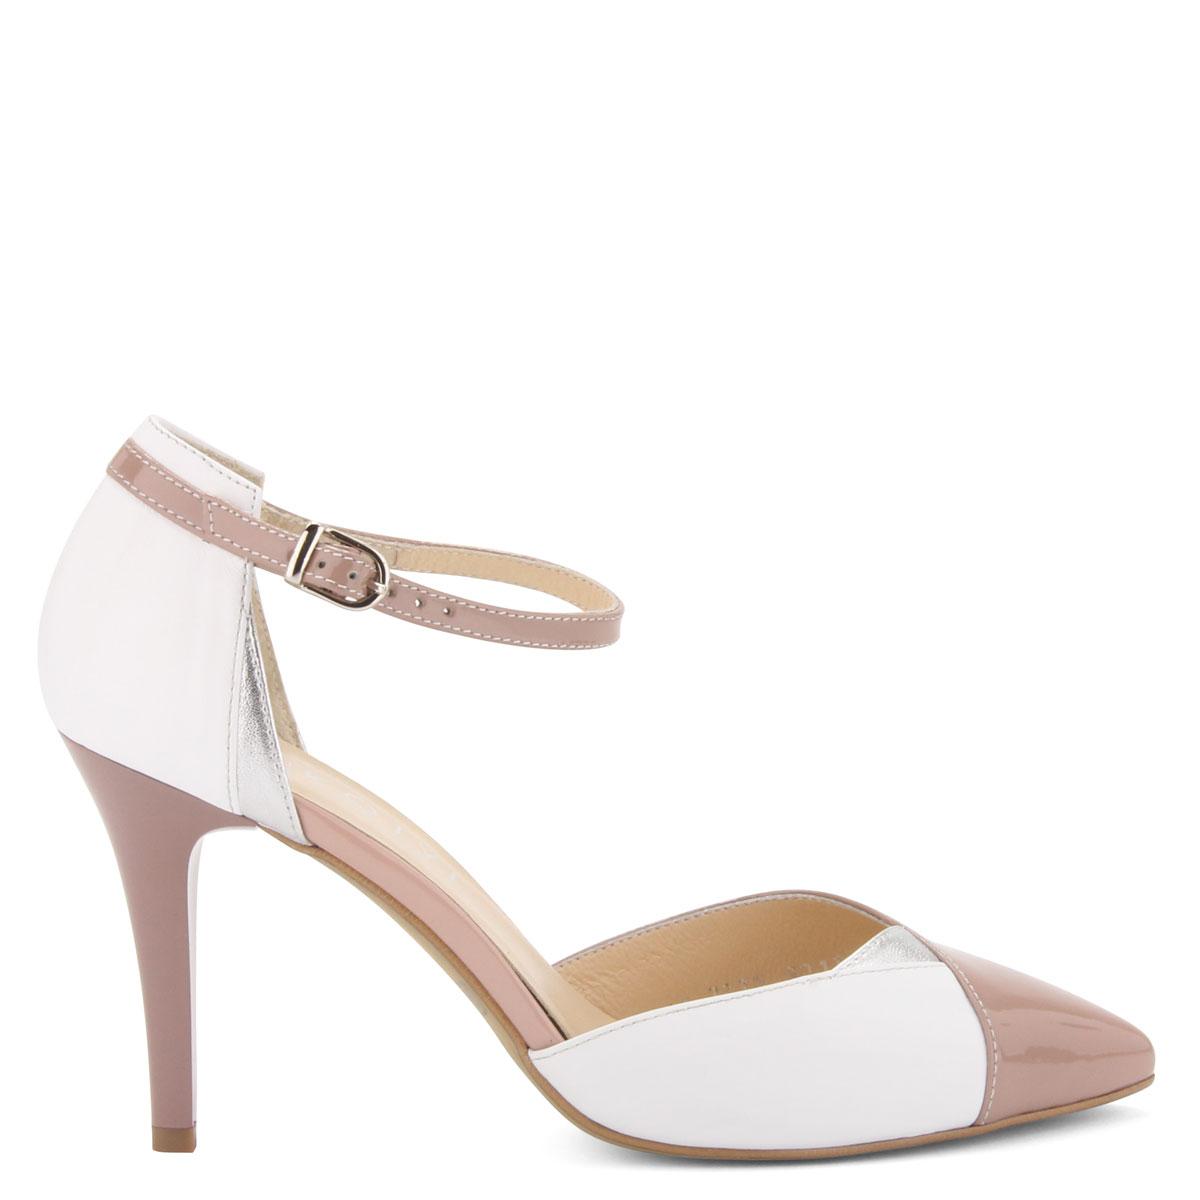 Fehér-rózsaszín színű magas sarkú női bőr cipő 9 cm magas sarokkal 7542752e94